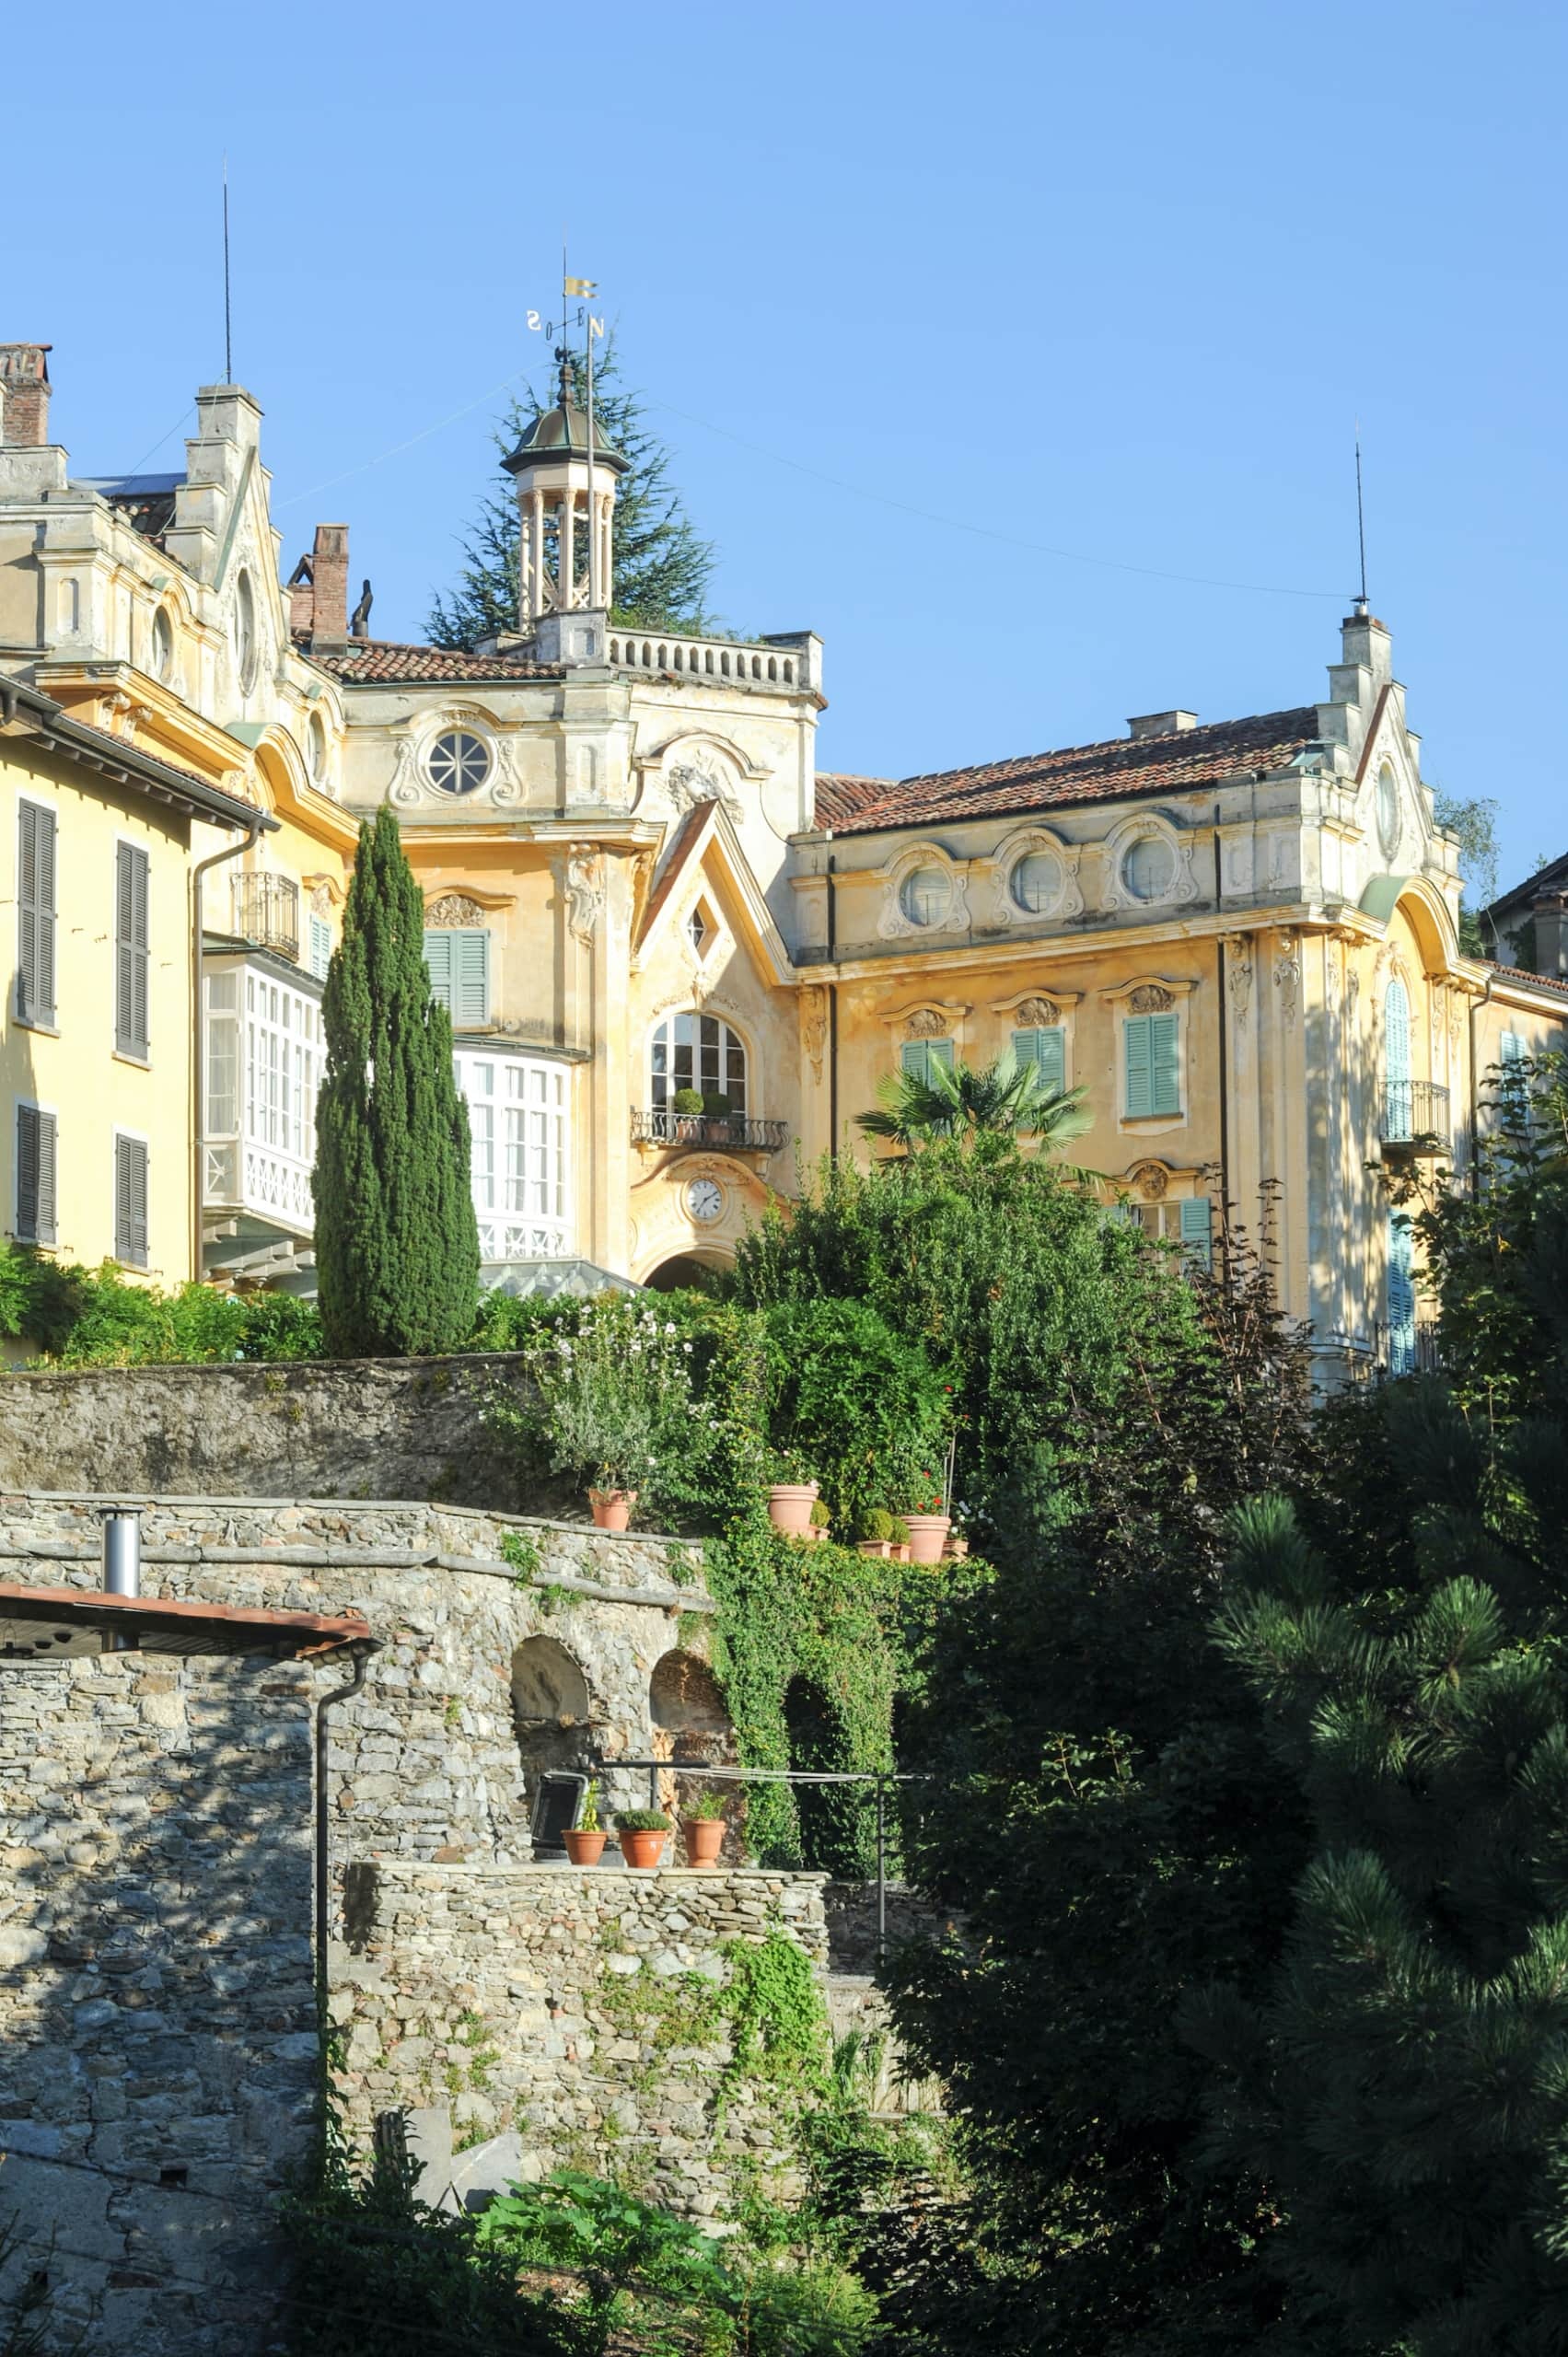 das Haus, in dem der berühmte Schriftsteller Hermann Hesse dreißig Jahre seines Lebens lebte, in Montagnola in der italienischen Schweiz